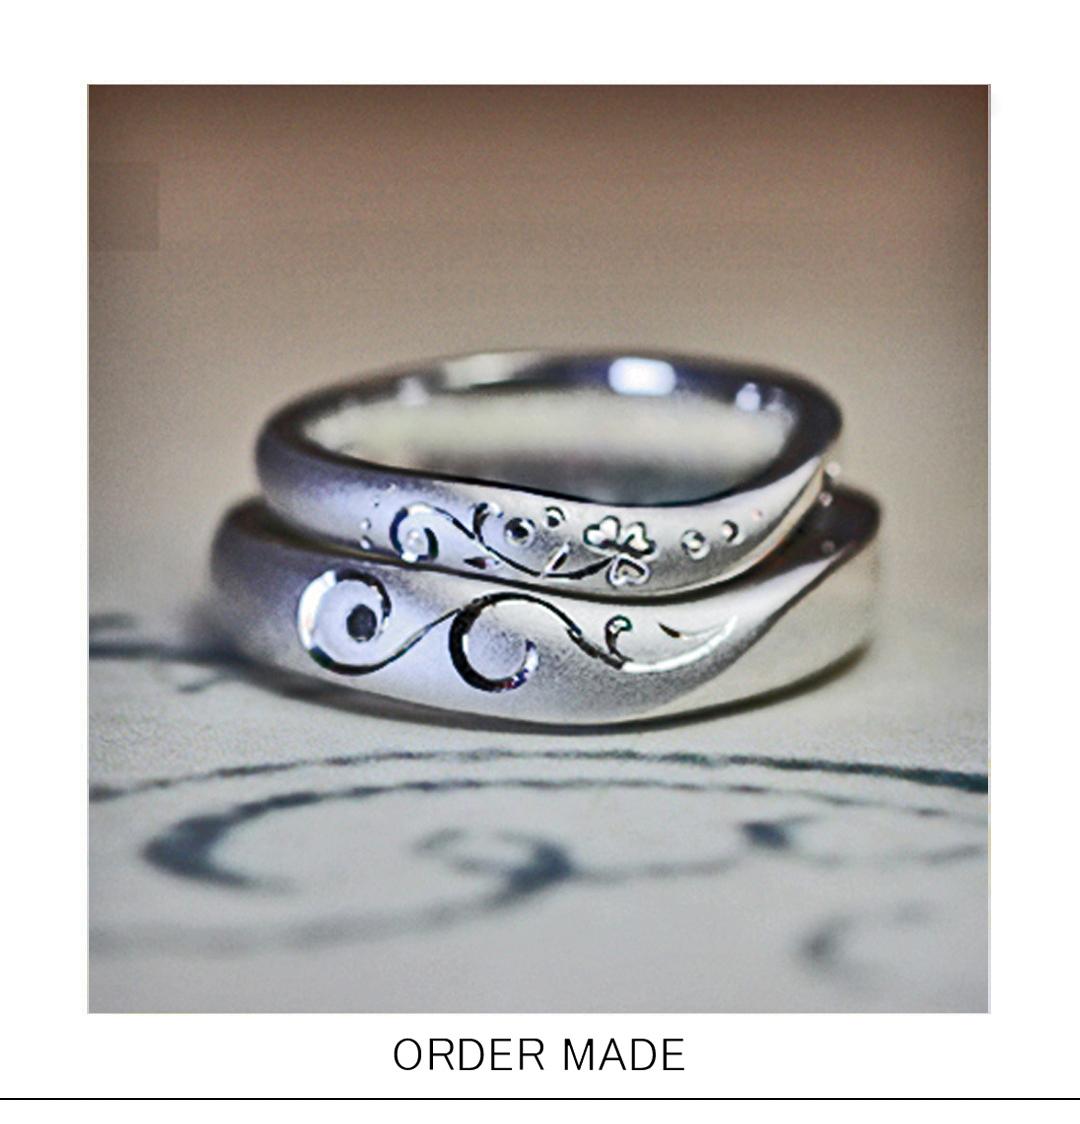 結婚指輪を2本重ねてハートをつくるクローバー模様のオーダーリングのサムネイル